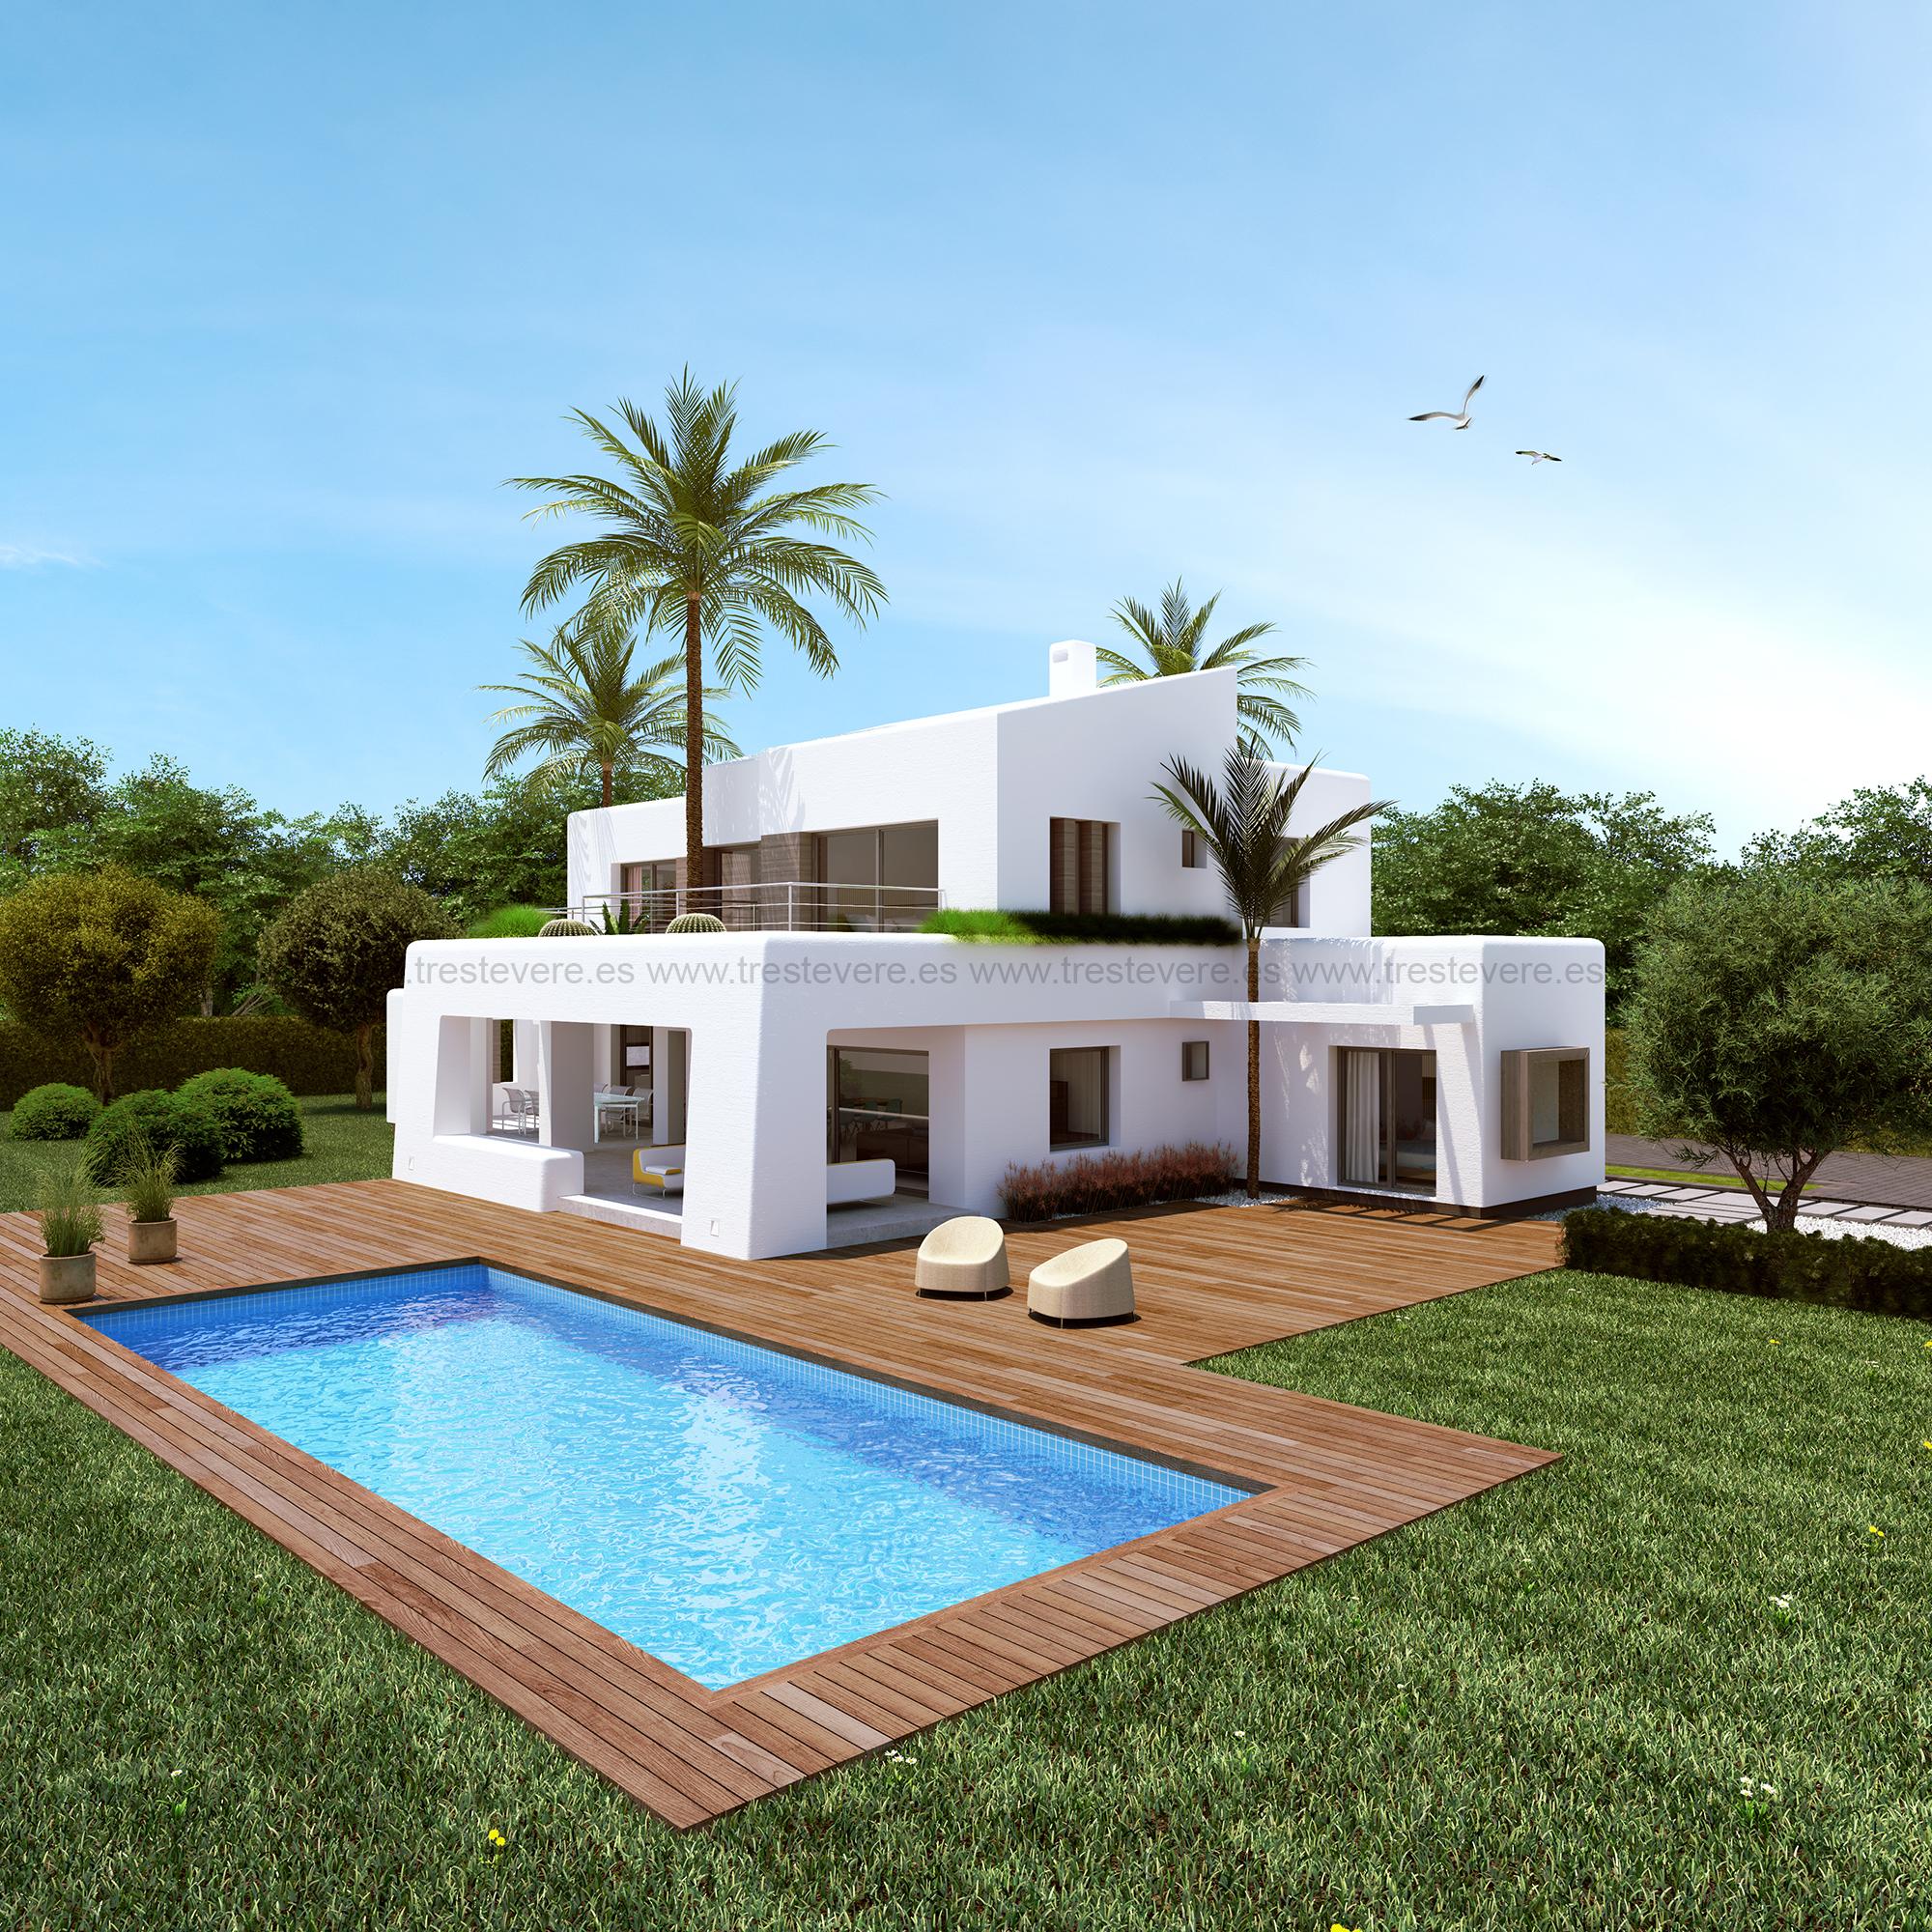 Vivienda ibicenca en x bia trest vere blog infografia 3d for Estilos de viviendas modernas